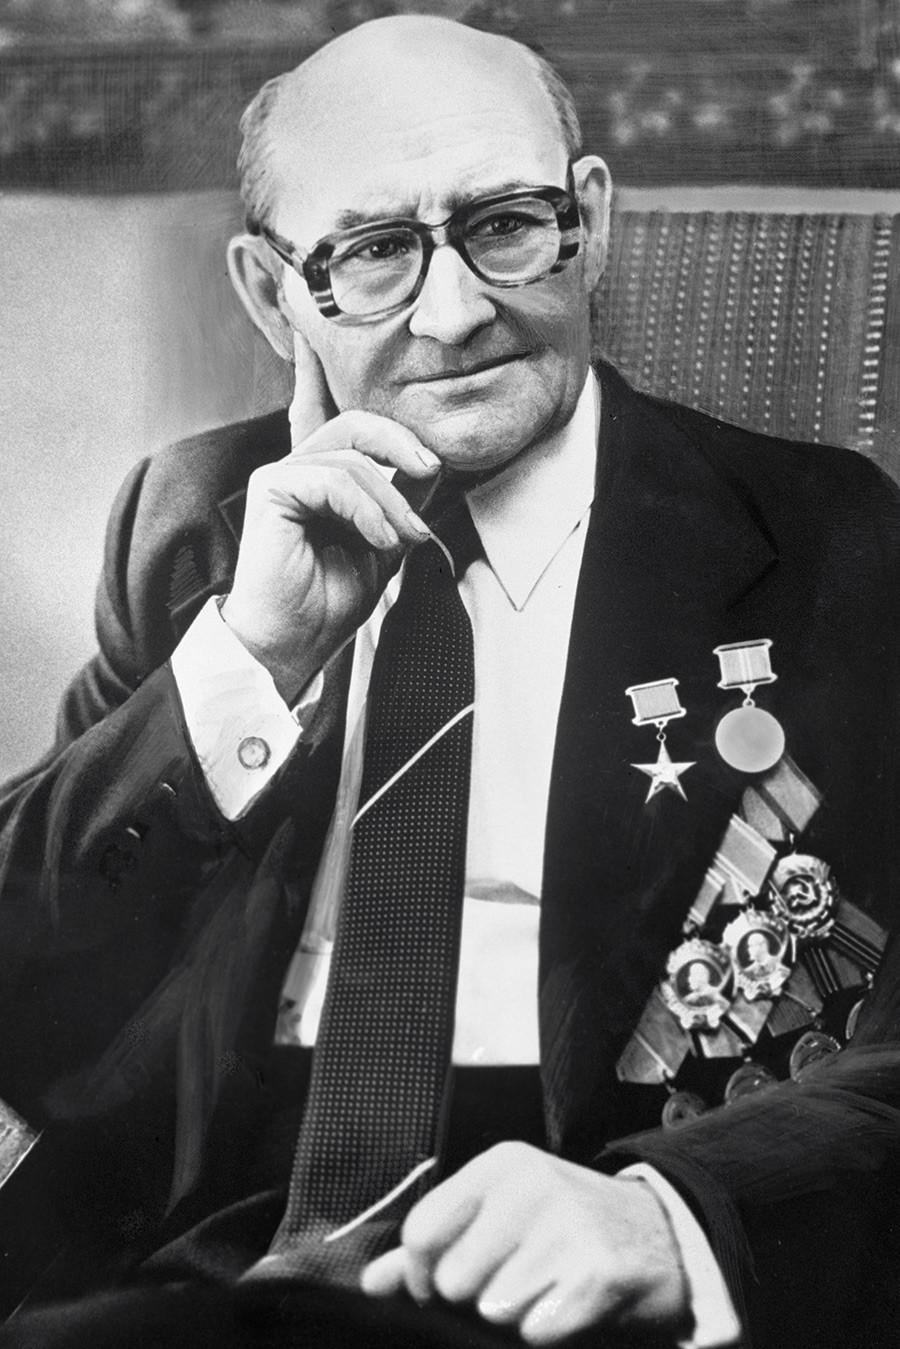 Николај Фјодорович Макаров, советски конструктор на оружје. Херој на социјалистичкиот труд, добитник на Сталиновата награда и на Државната награда на СССР. Почесен граѓанин на Тулската област.